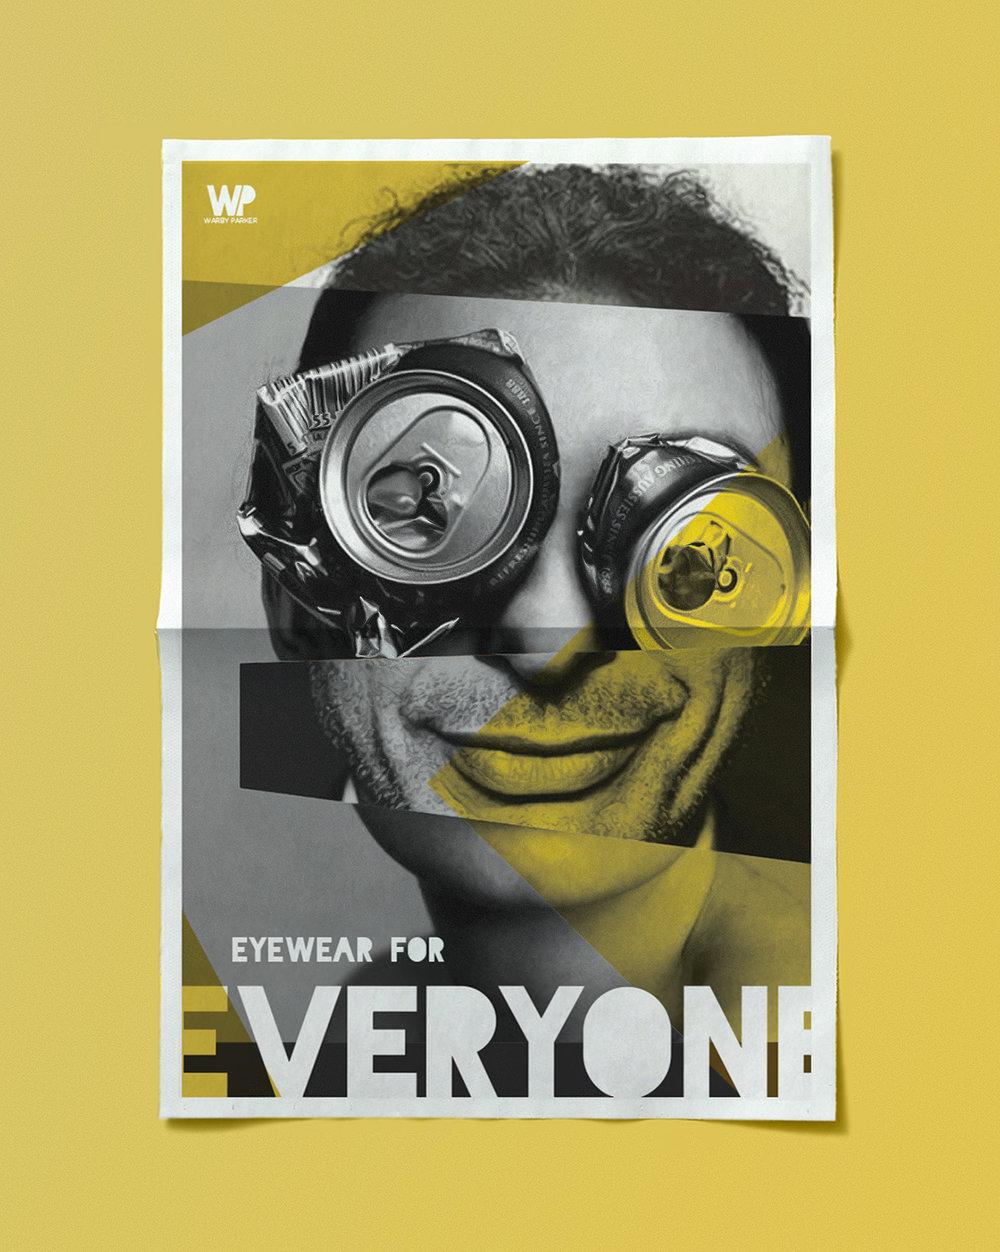 warbyparker_poster.jpg